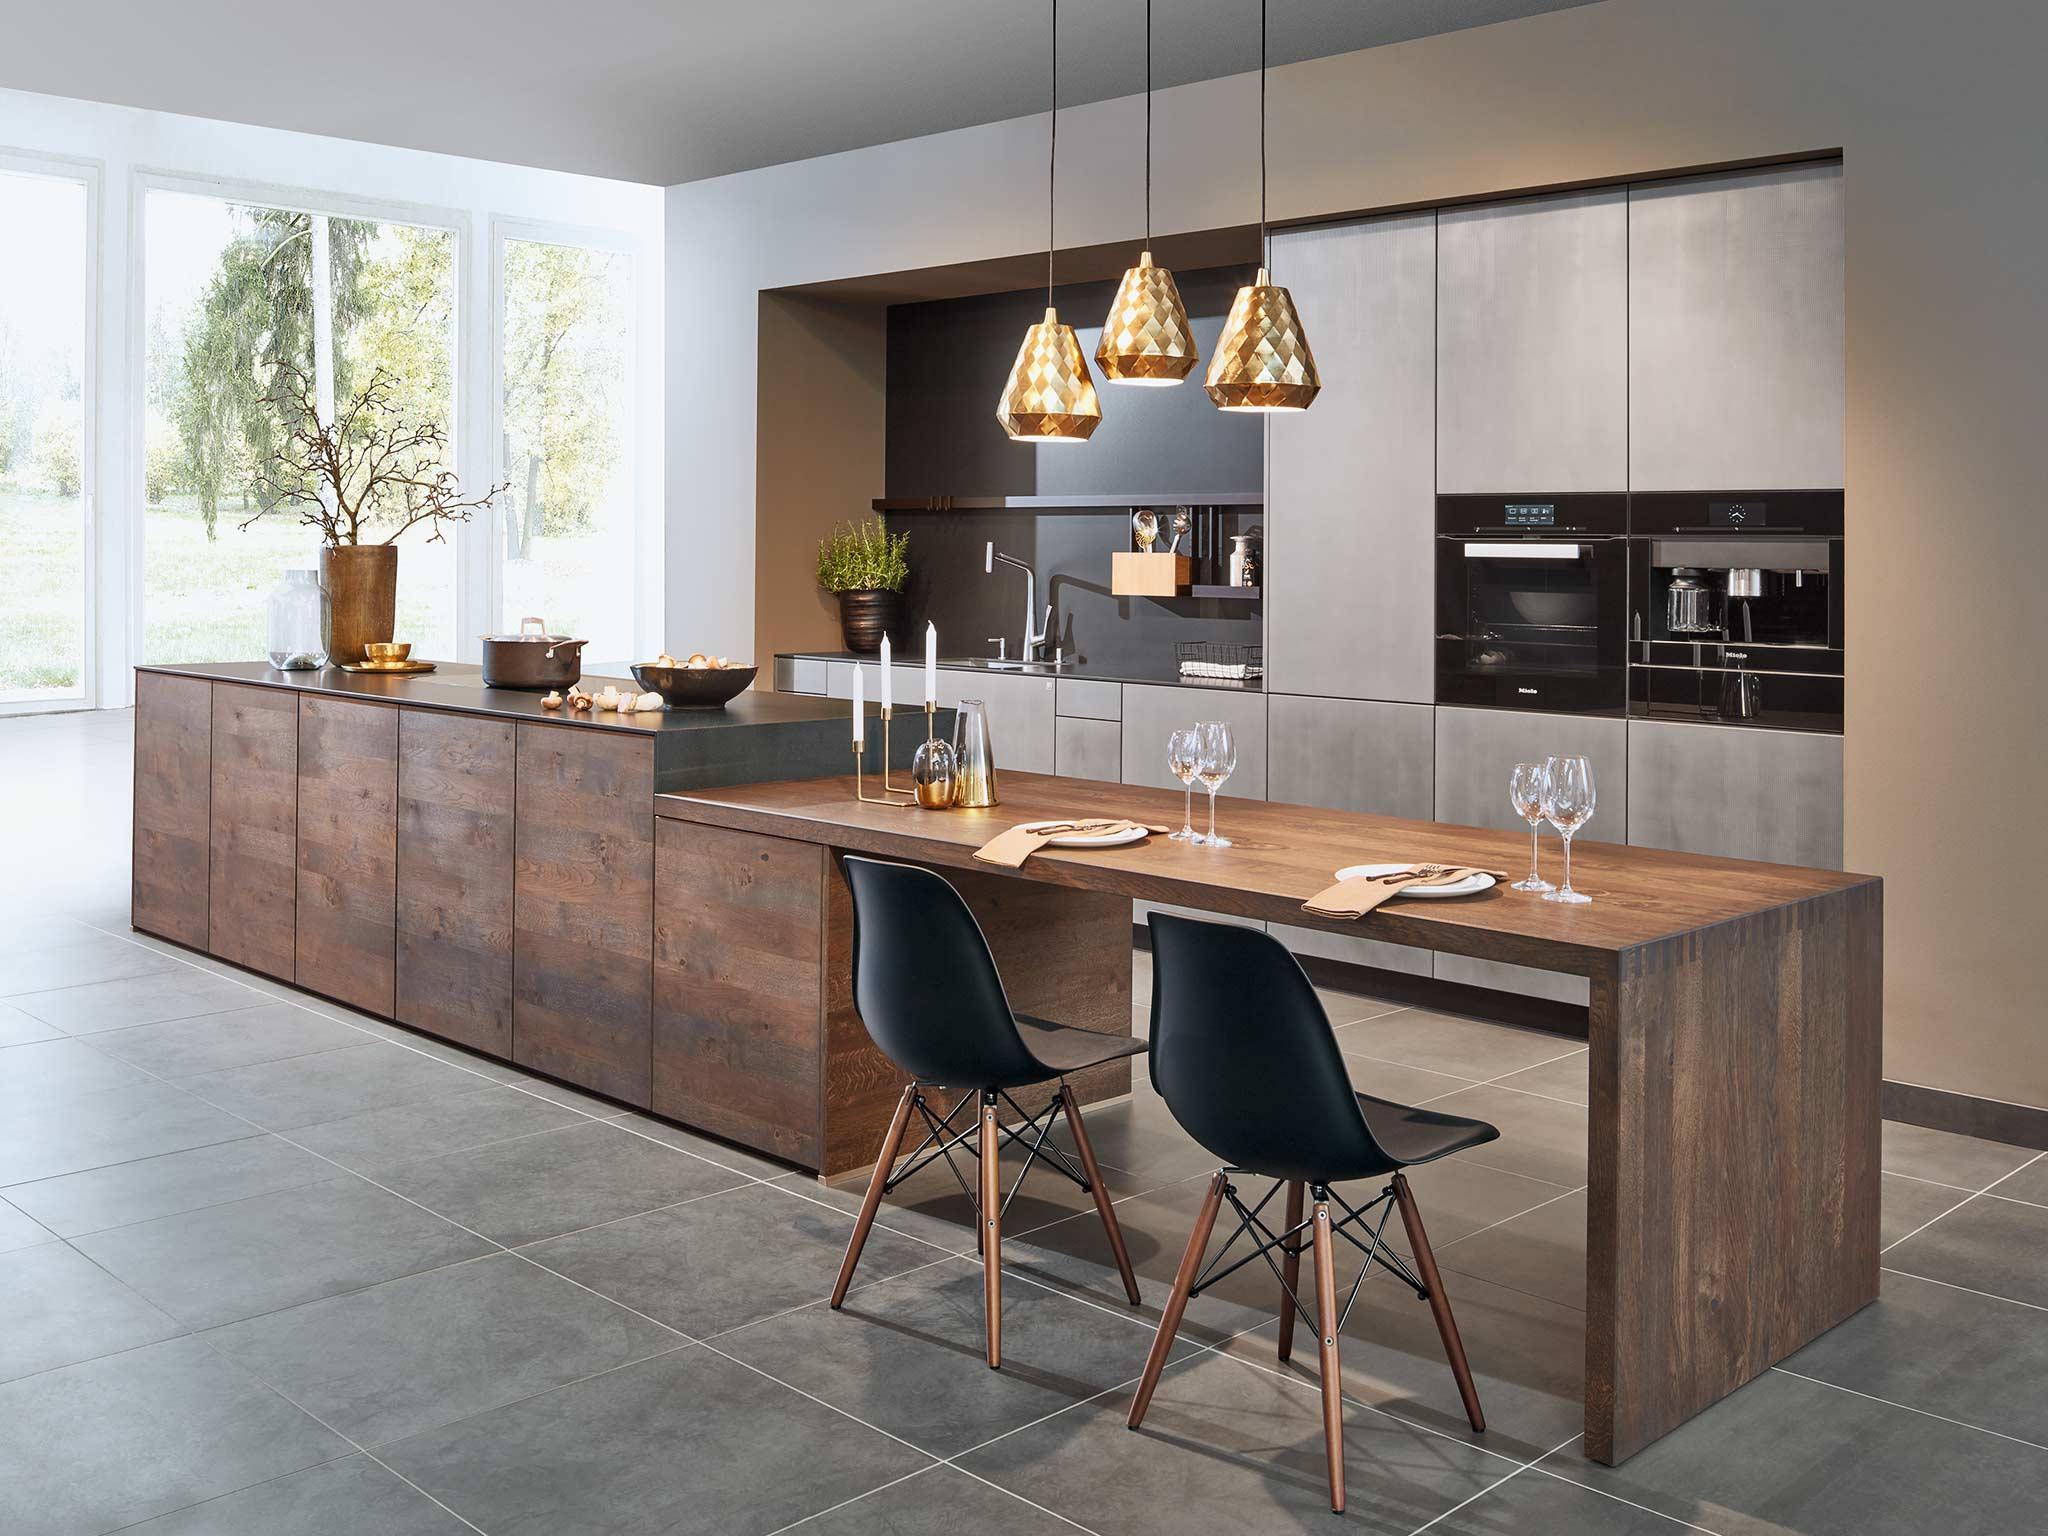 zeyko Küchen 17  Test, Preise, Qualität, Musterküchen